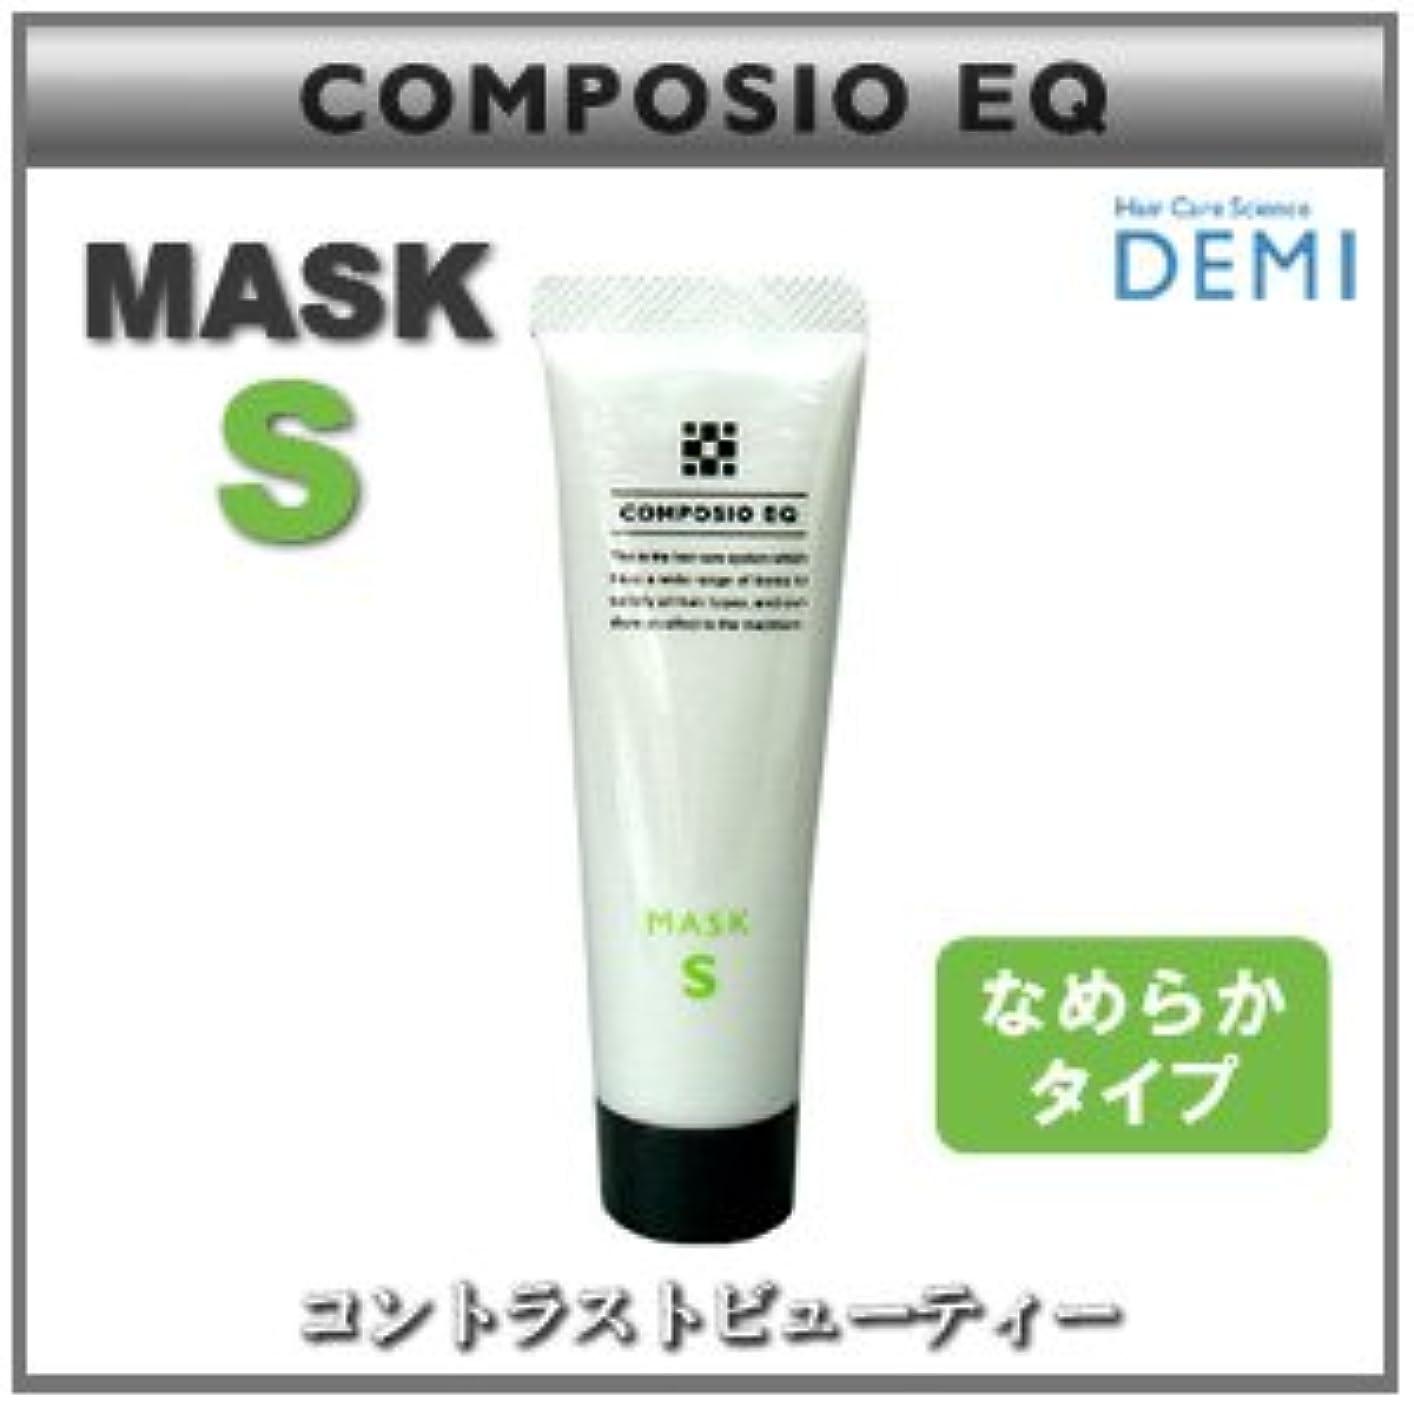 レイアウト偽善者スカープ【X2個セット】 デミ コンポジオ EQ マスク S 50g